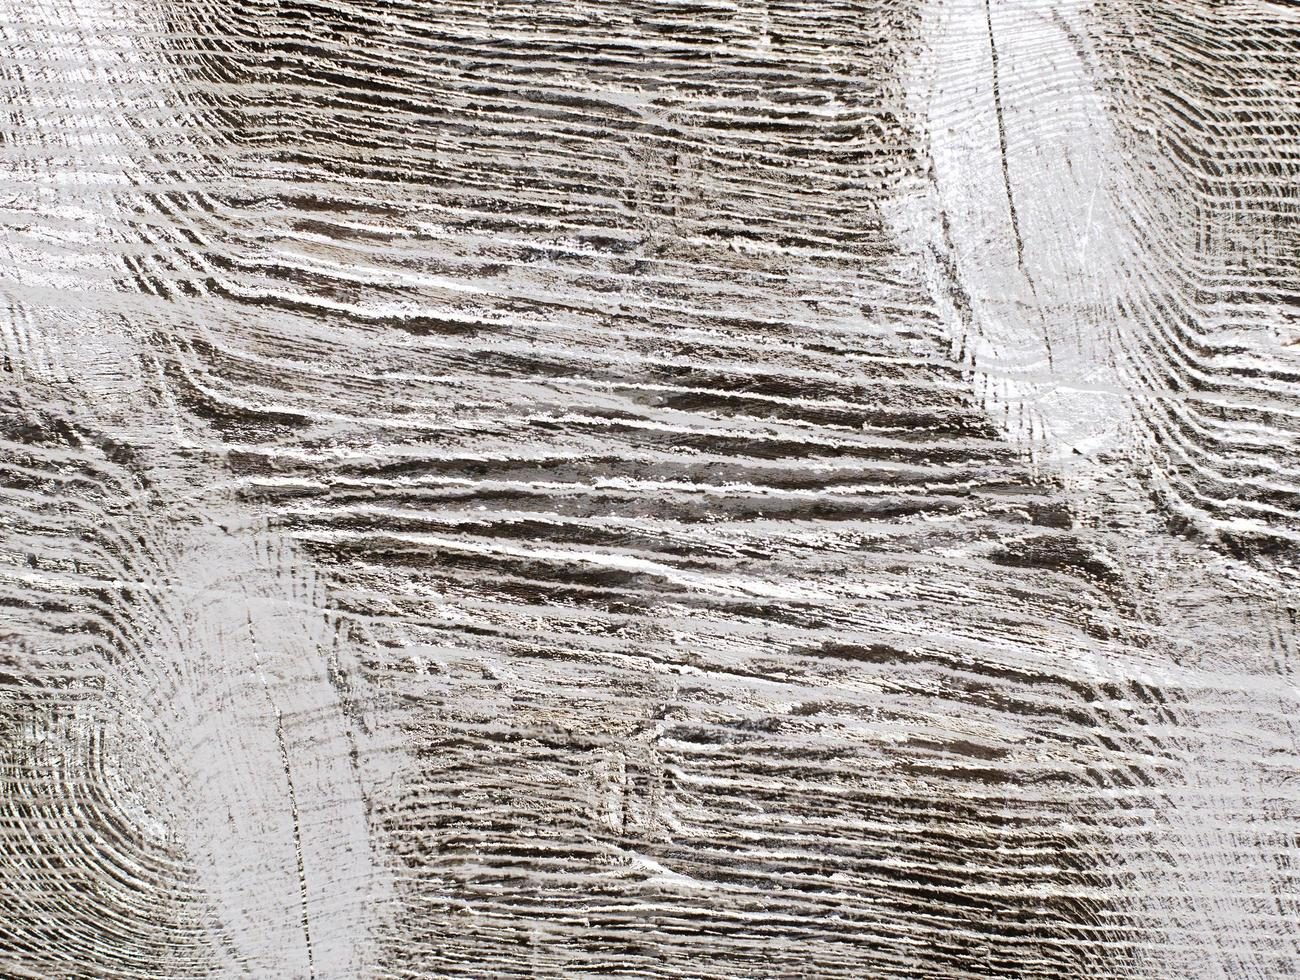 textura de grão de madeira foto